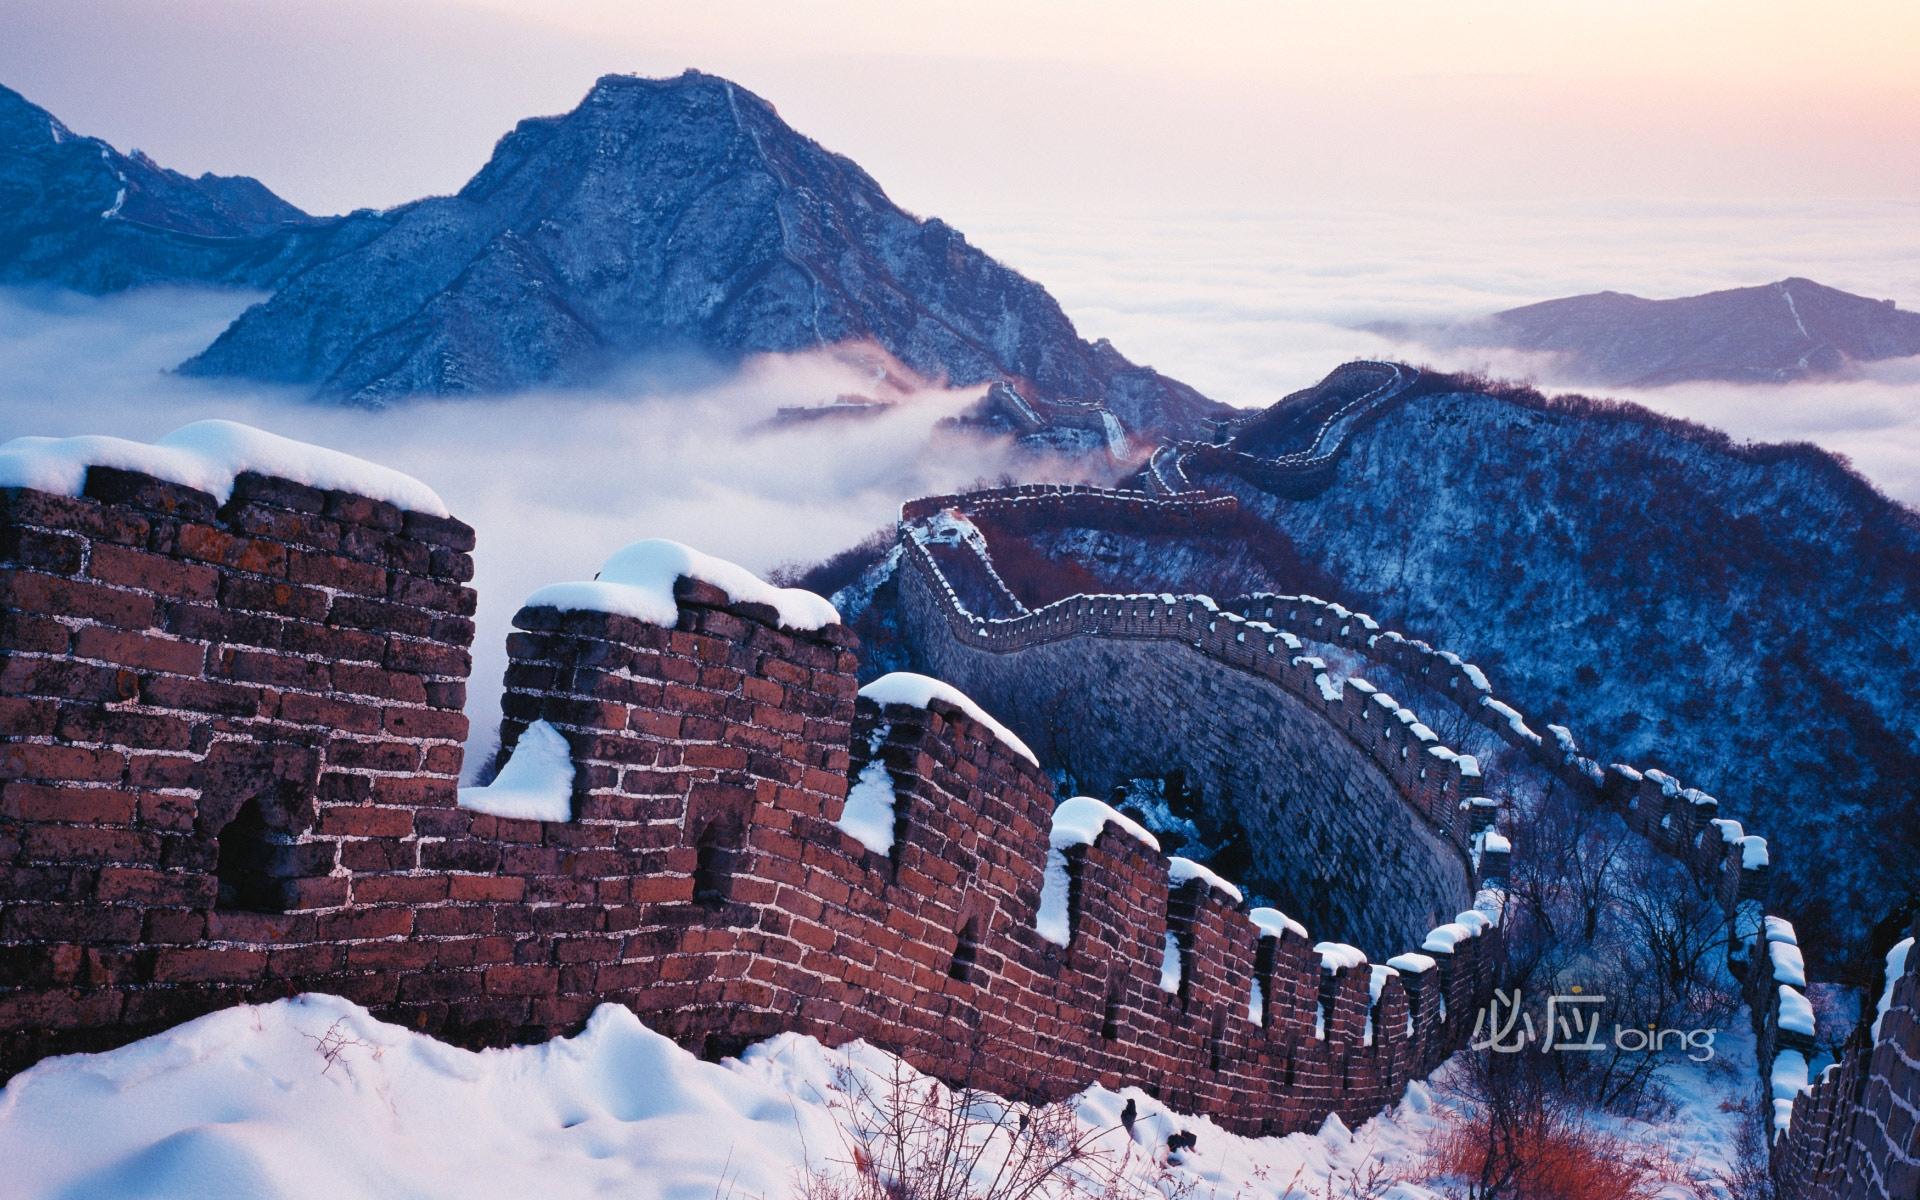 微软之前就曾推出过《必应精选:中国》和《必应精选:中国新年》两款Windows 7主题,今天,微软推出了《必应精选:中国2》,精选了14张壁纸,供广大中国用户和喜爱中国的用户使用。 《必应精选:中国2》的这14张壁纸张张精美,有长城雪景、书法、雪花莲、冬日的清晨、紫禁城的日出、丹顶鹤、古筝、荷包牡丹…… 官方下载: